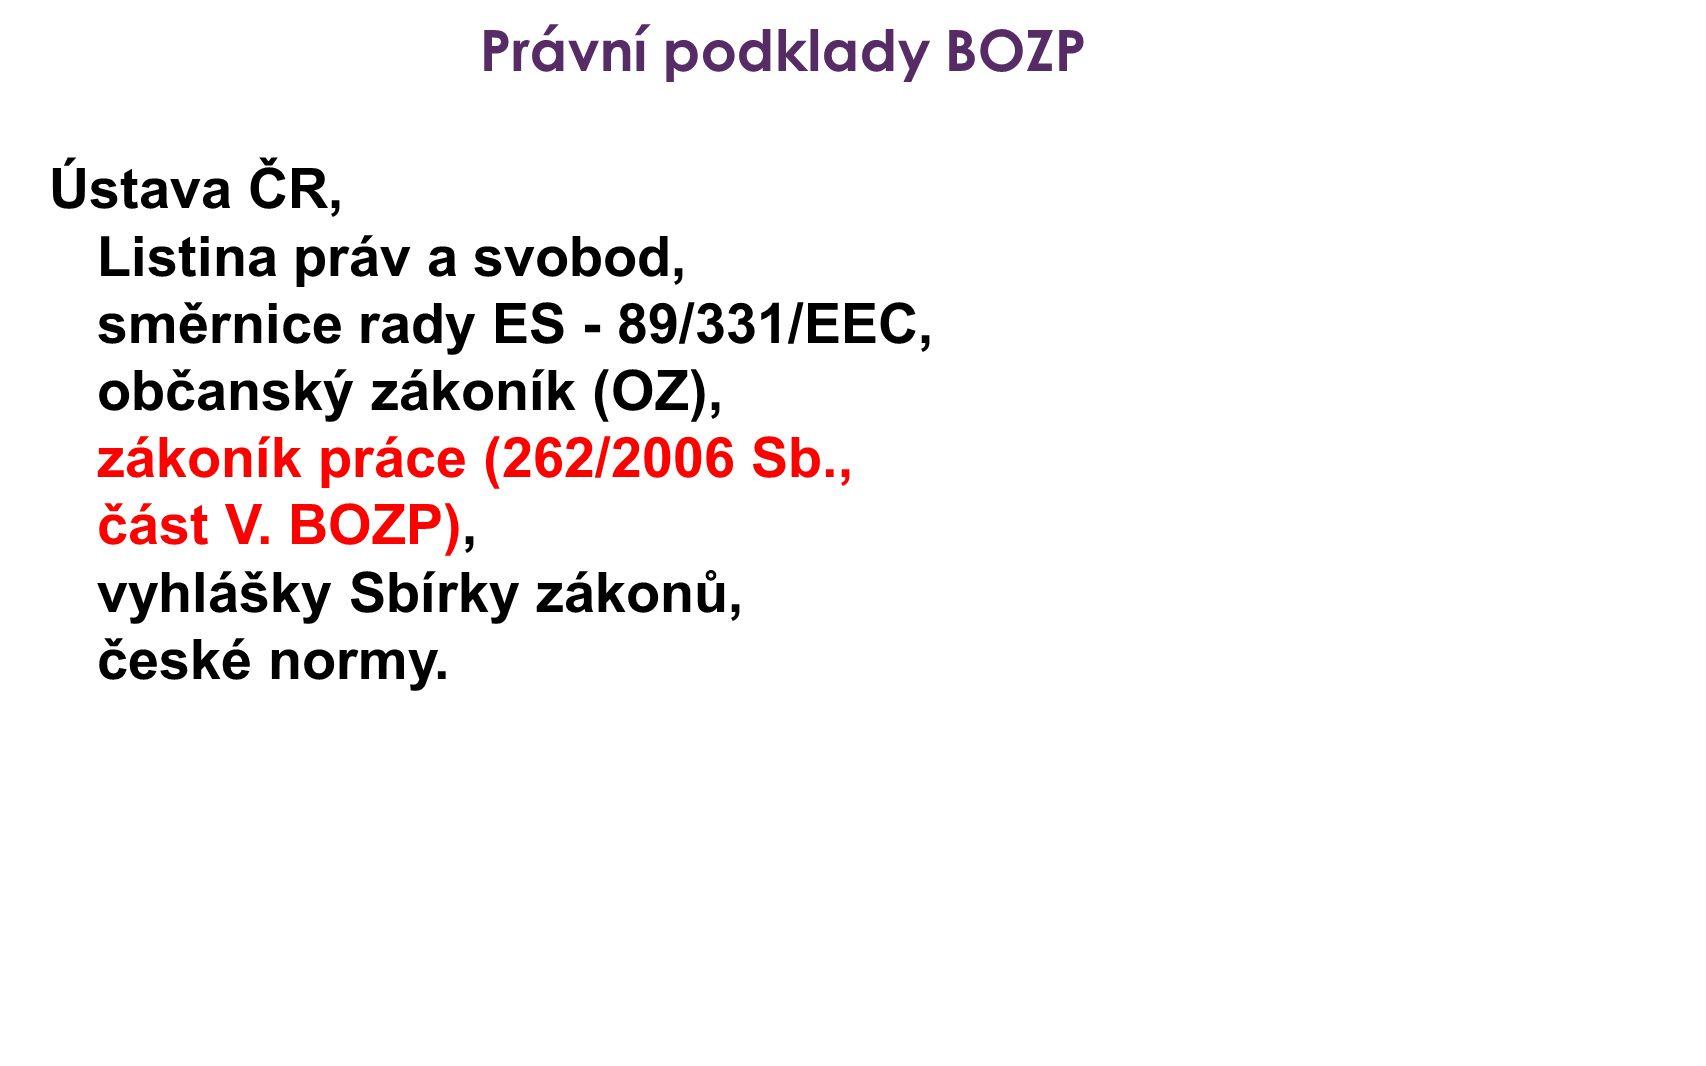 Právní podklady BOZP Ústava ČR, Listina práv a svobod, směrnice rady ES - 89/331/EEC, občanský zákoník (OZ), zákoník práce (262/2006 Sb., část V.